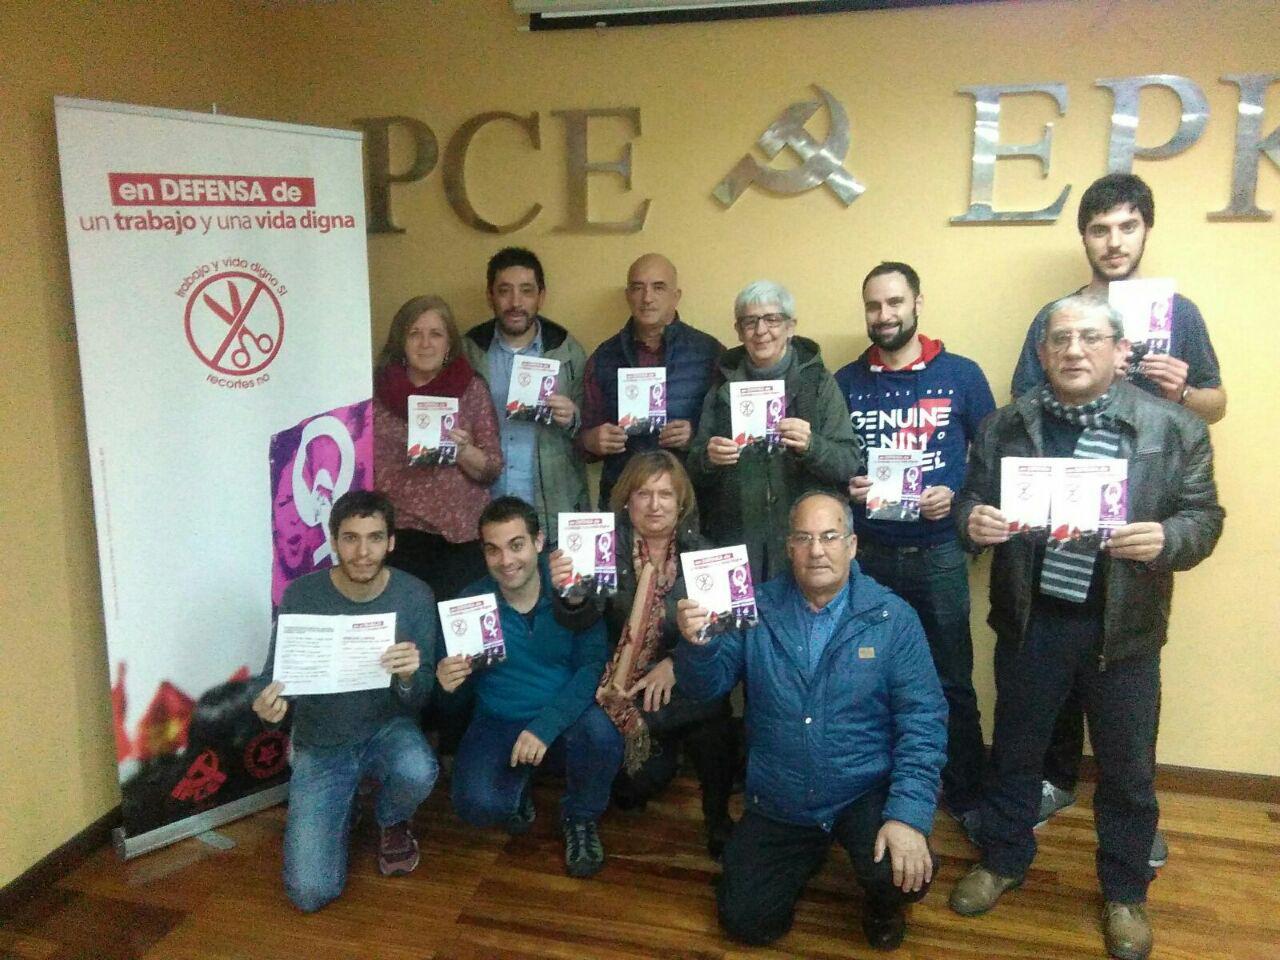 Campaña en defensa del derecho a un trabajo digno, para poder tener una vida digna.